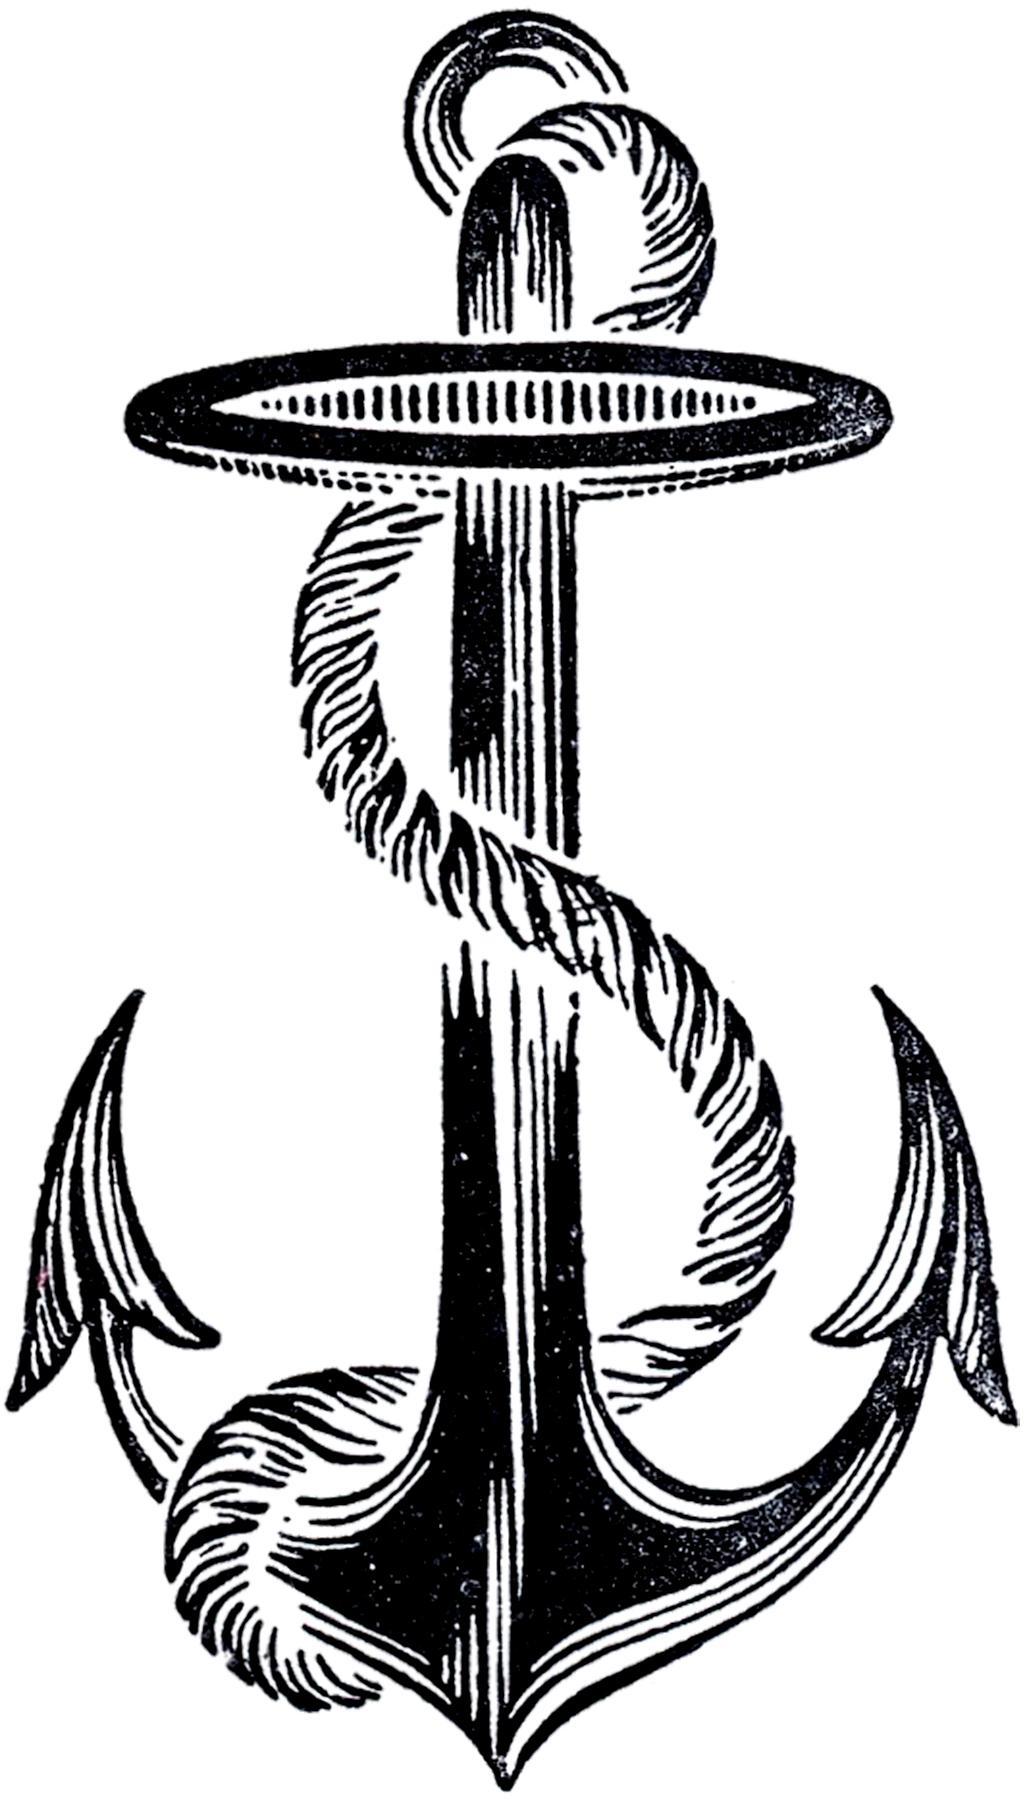 Best Vintage Anchor Image